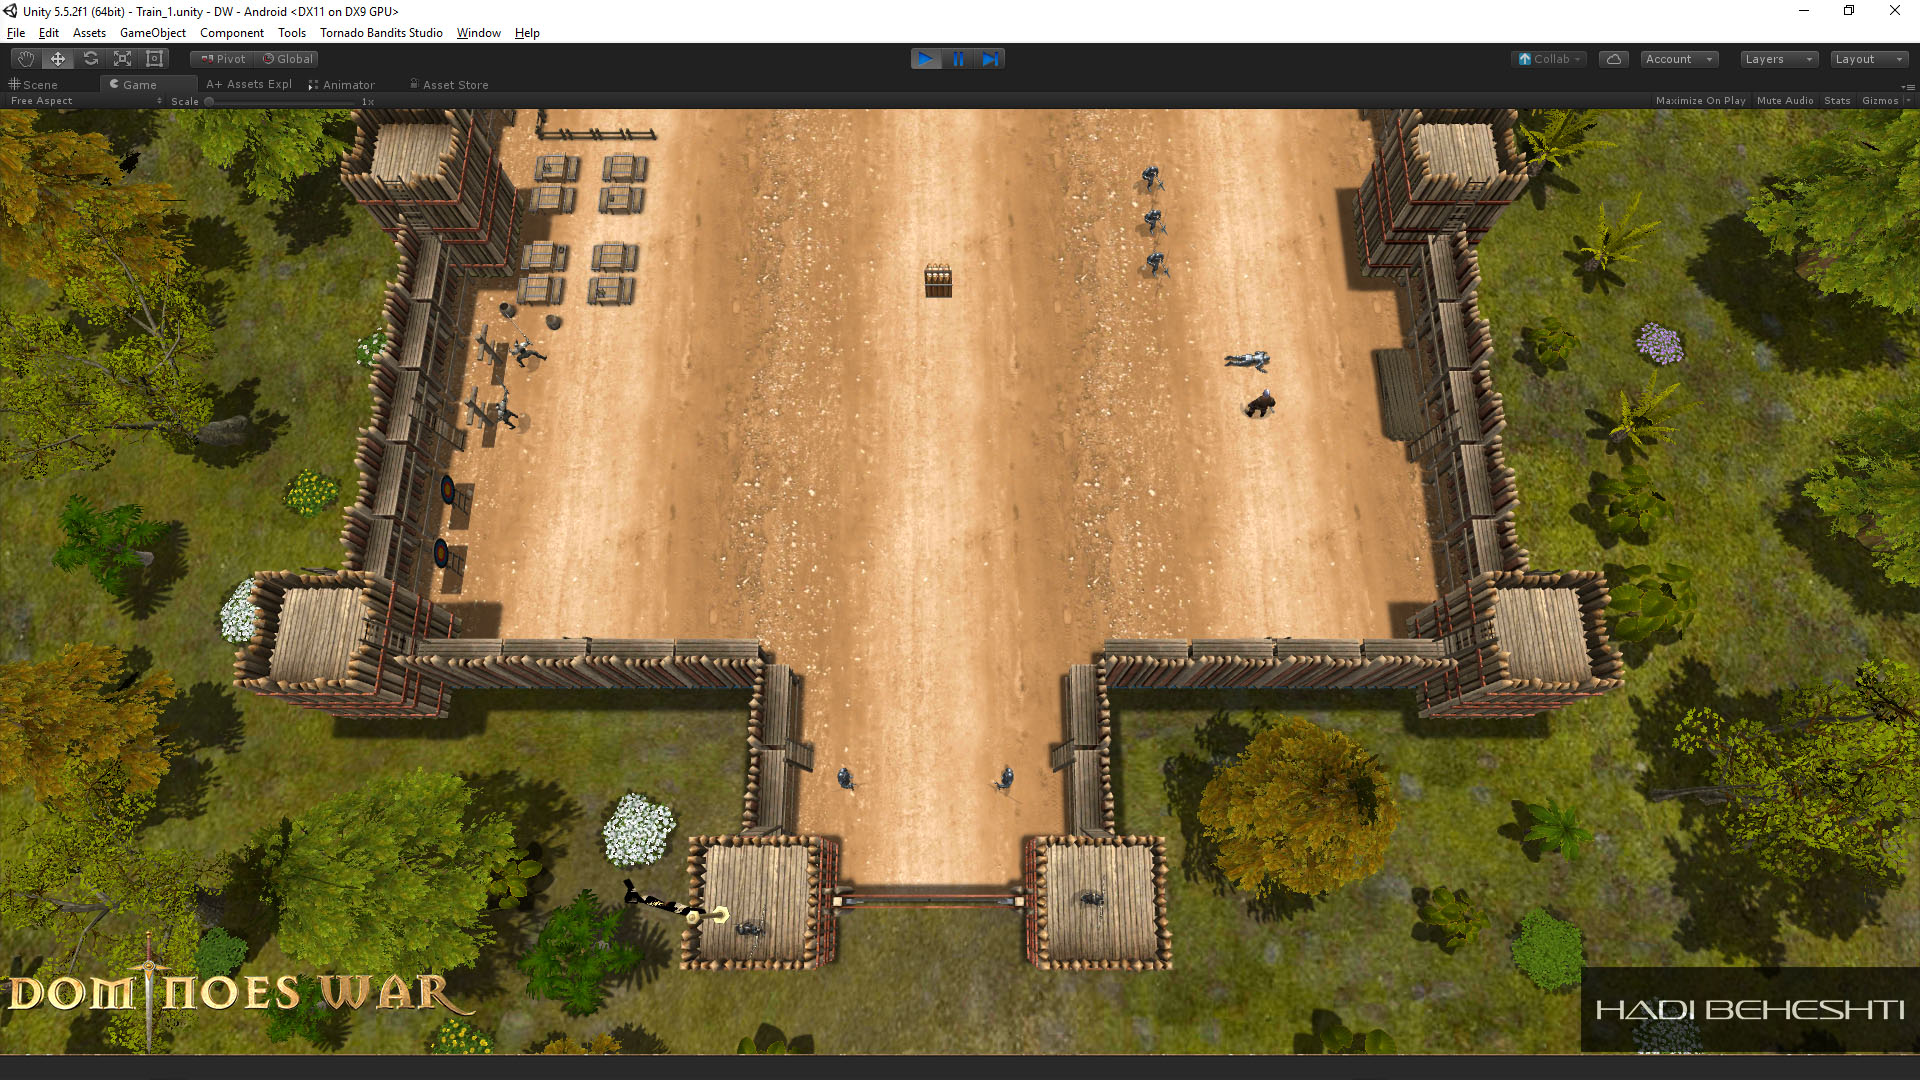 Dominoes War Game Garrison Scene Hadi Beheshti CG Artist